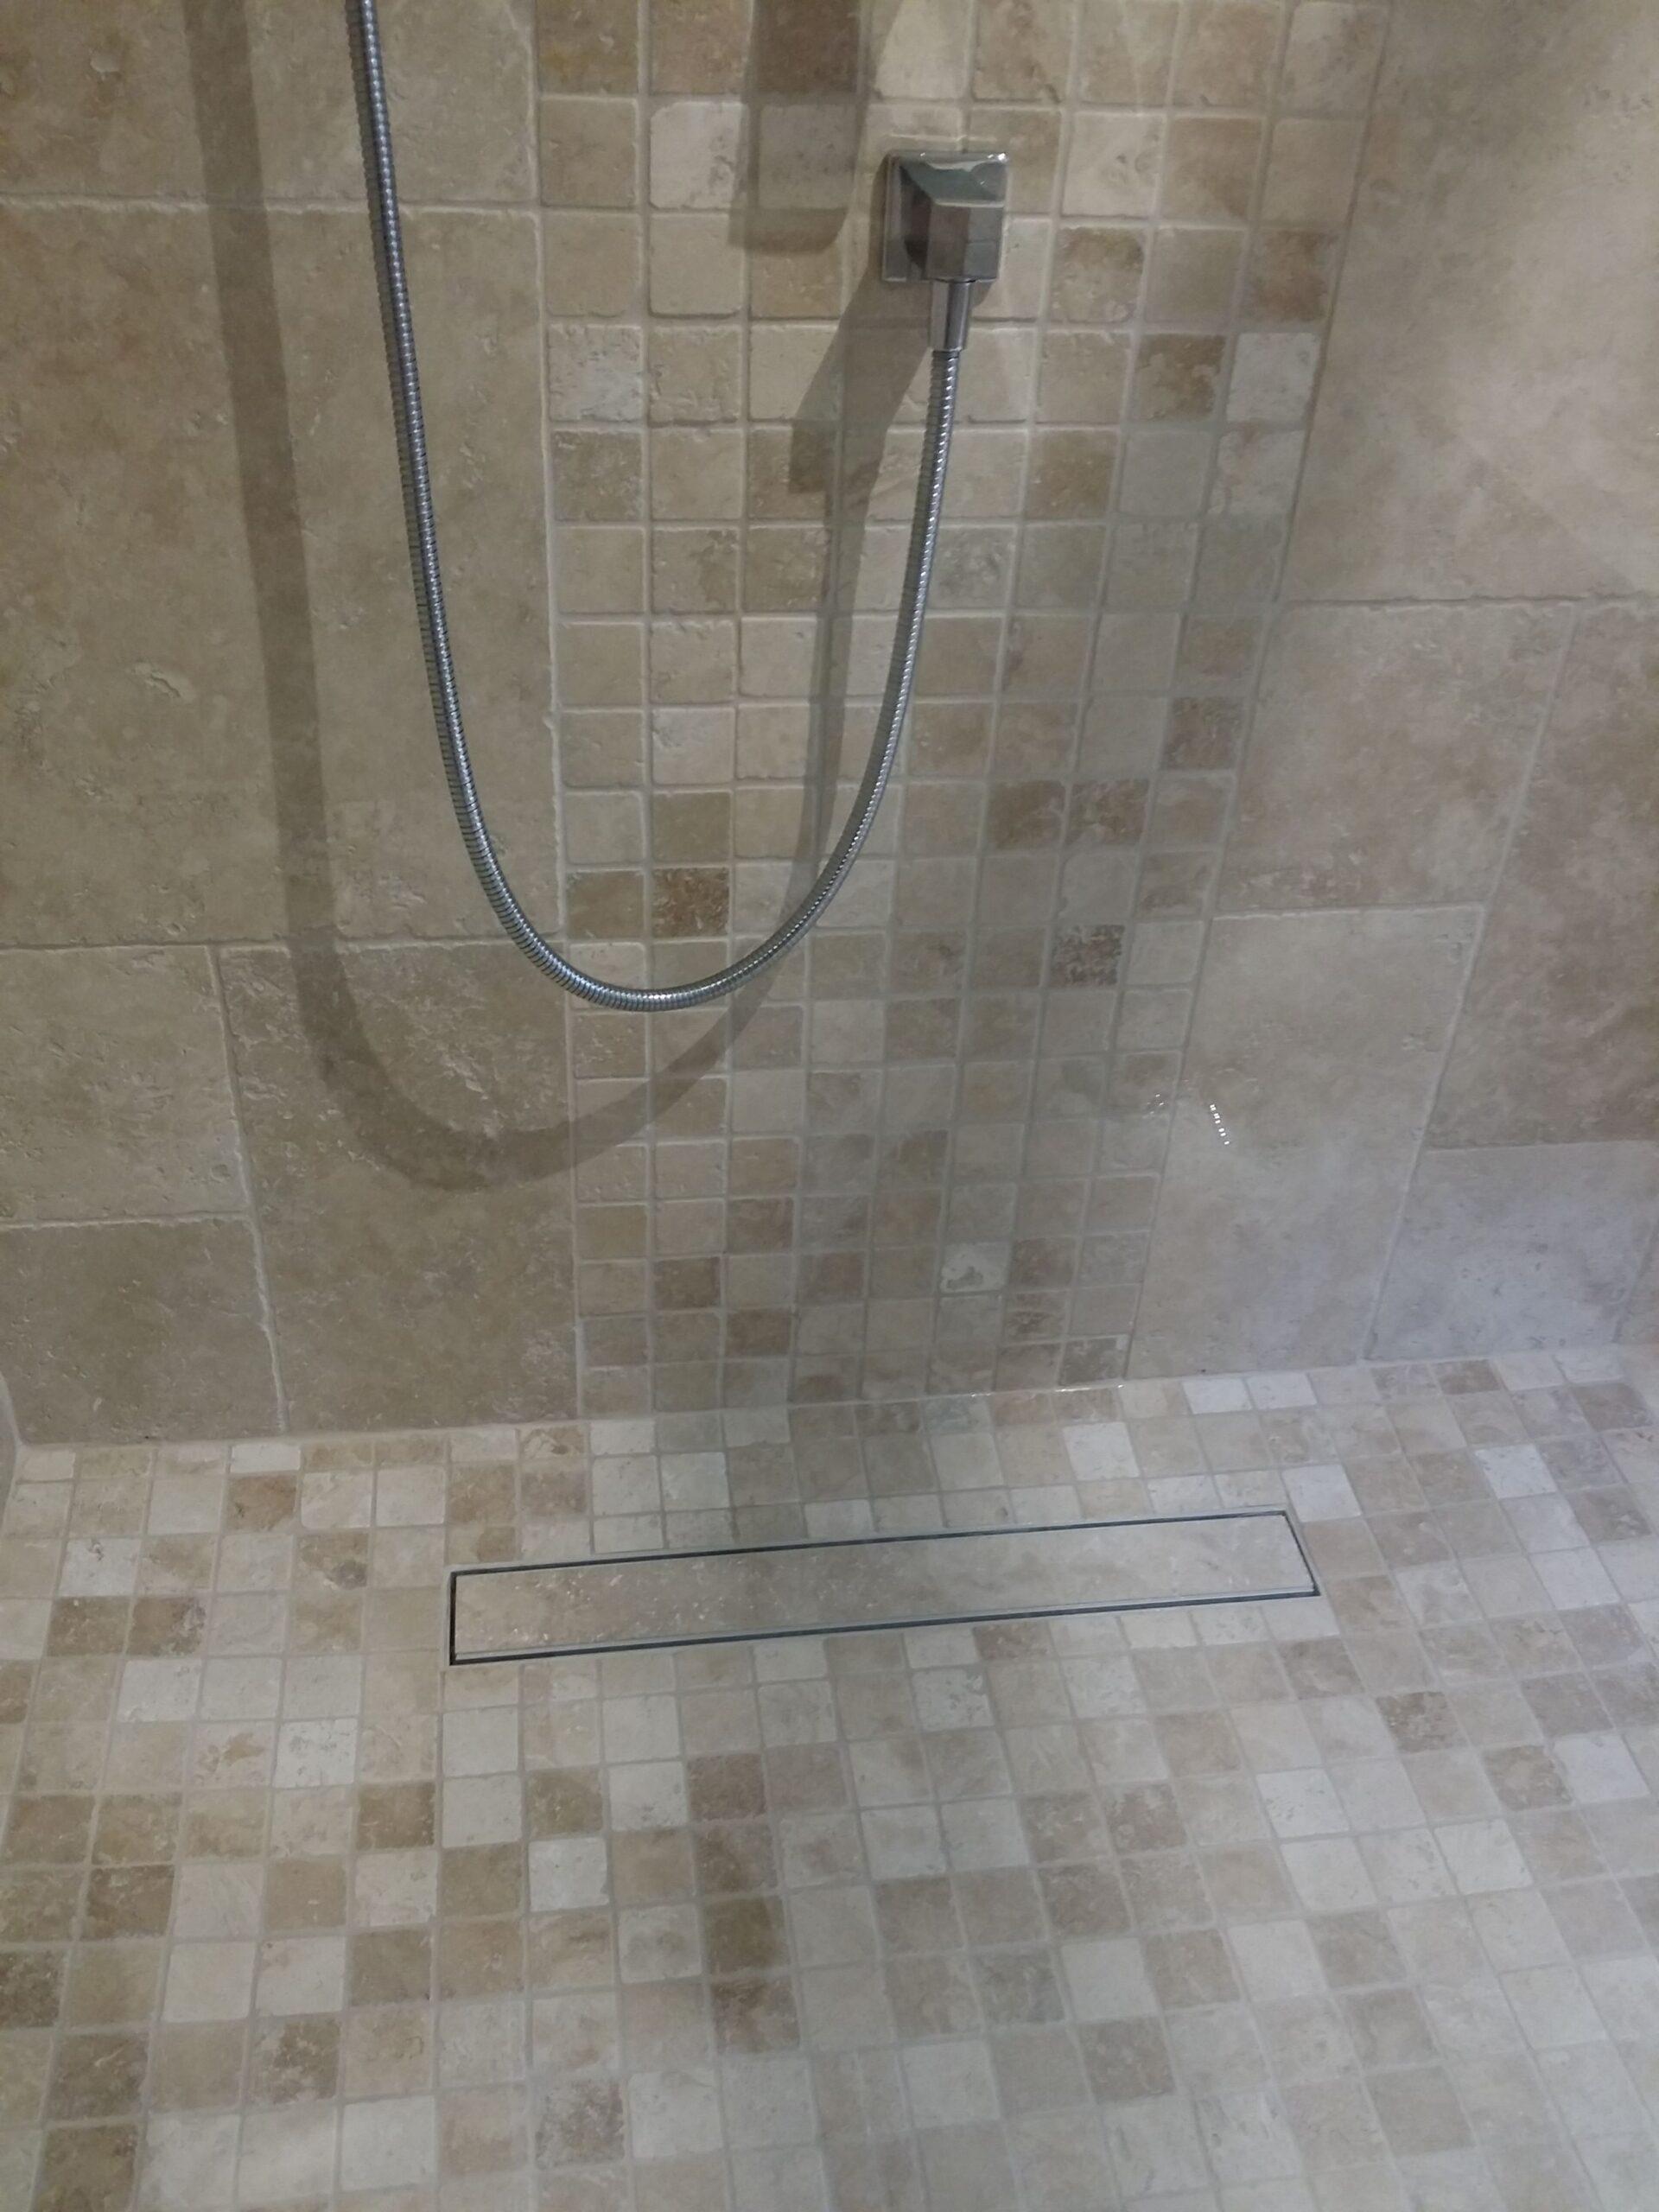 Full Size of Ebenerdige Dusche Travertin Mosaik Fr Nischentür Anal Moderne Duschen Kosten Badewanne Mit Tür Und Wand Bluetooth Lautsprecher Glastür Kleine Bäder Dusche Ebenerdige Dusche